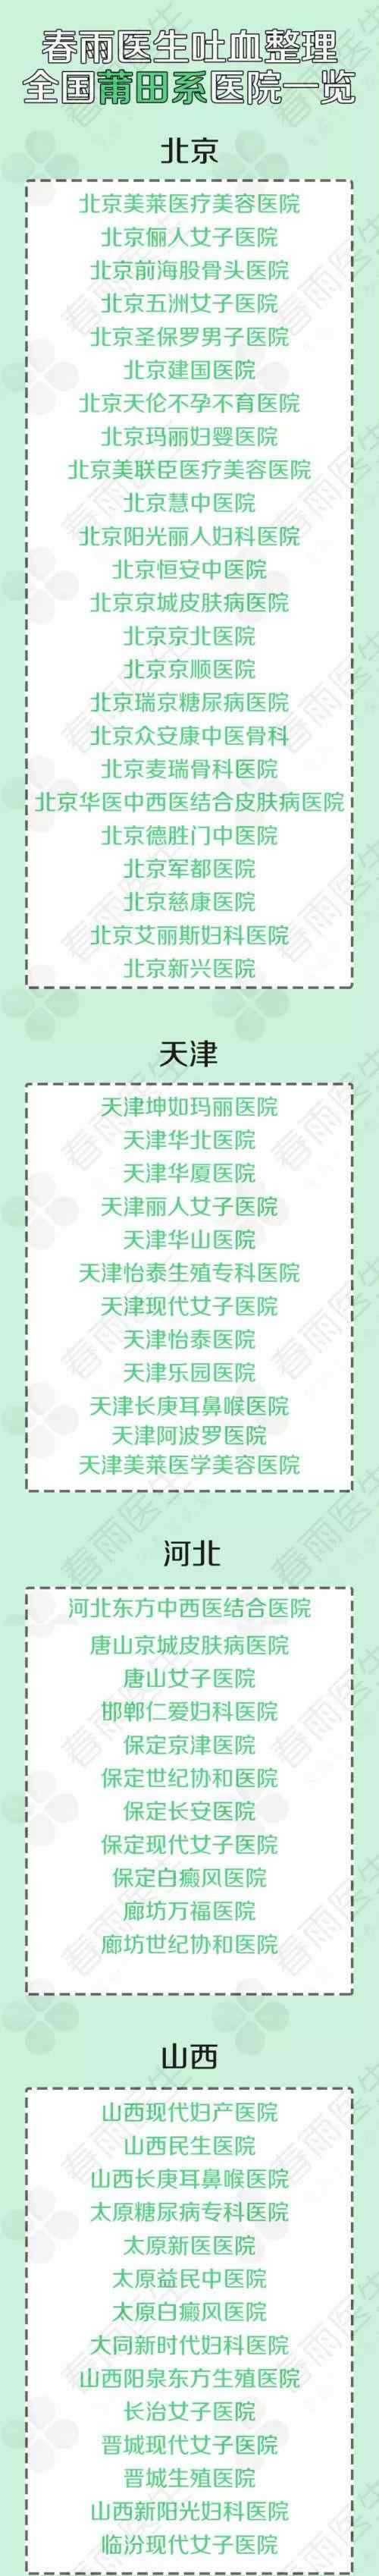 """玛丽妇产医院、长征医院…全国""""莆田系""""医院名单曝光,青岛这些医院上榜"""